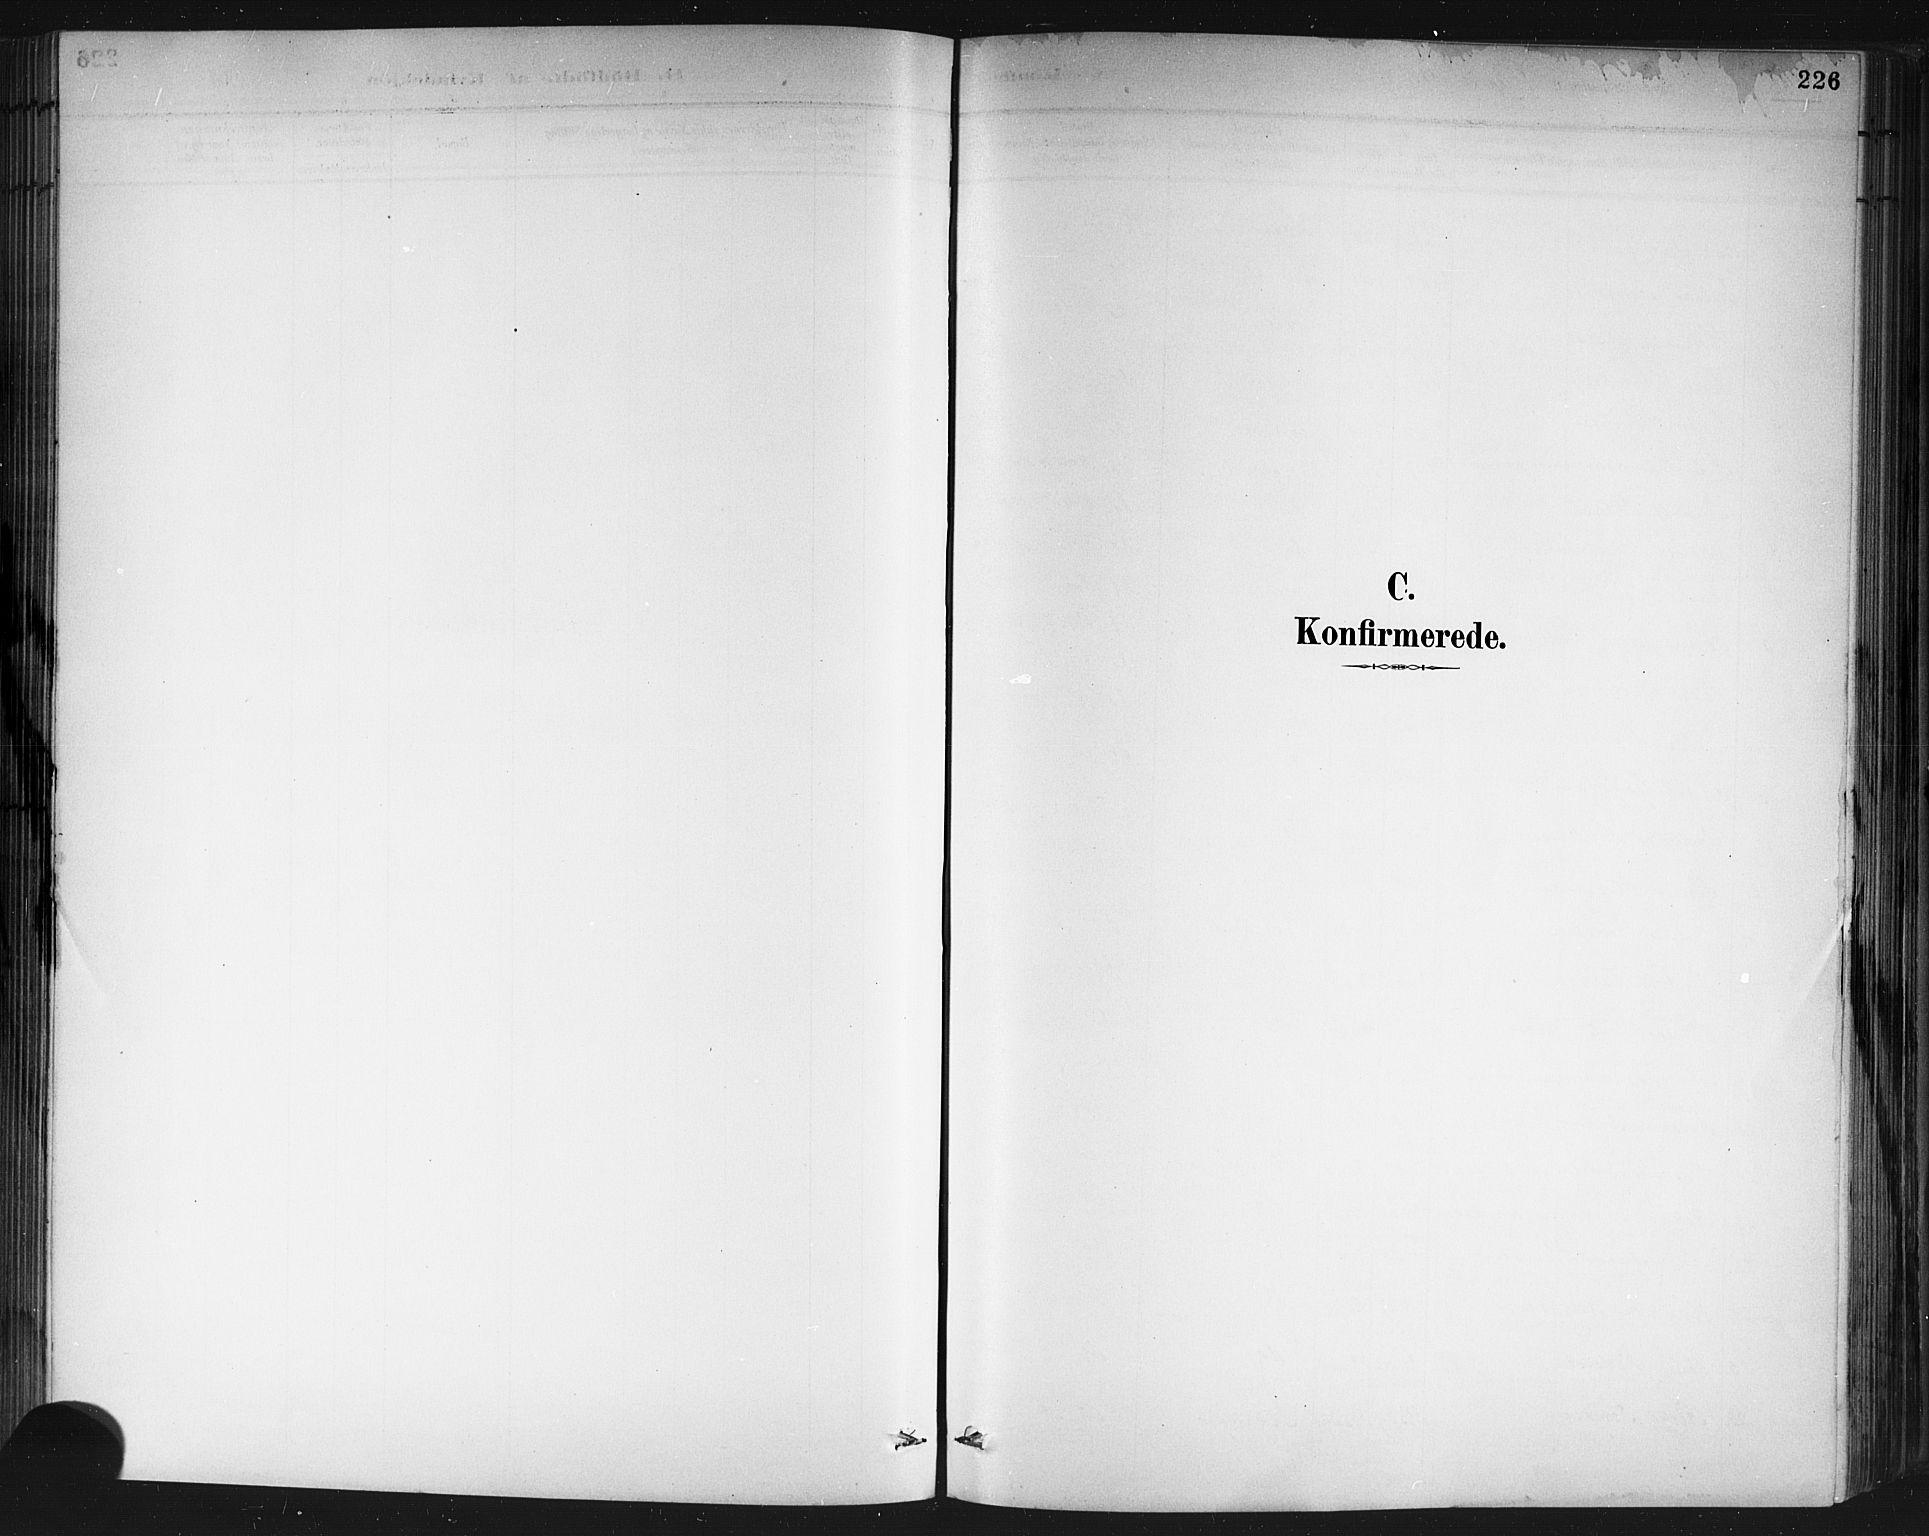 SAKO, Porsgrunn kirkebøker , G/Gb/L0005: Klokkerbok nr. II 5, 1883-1915, s. 226